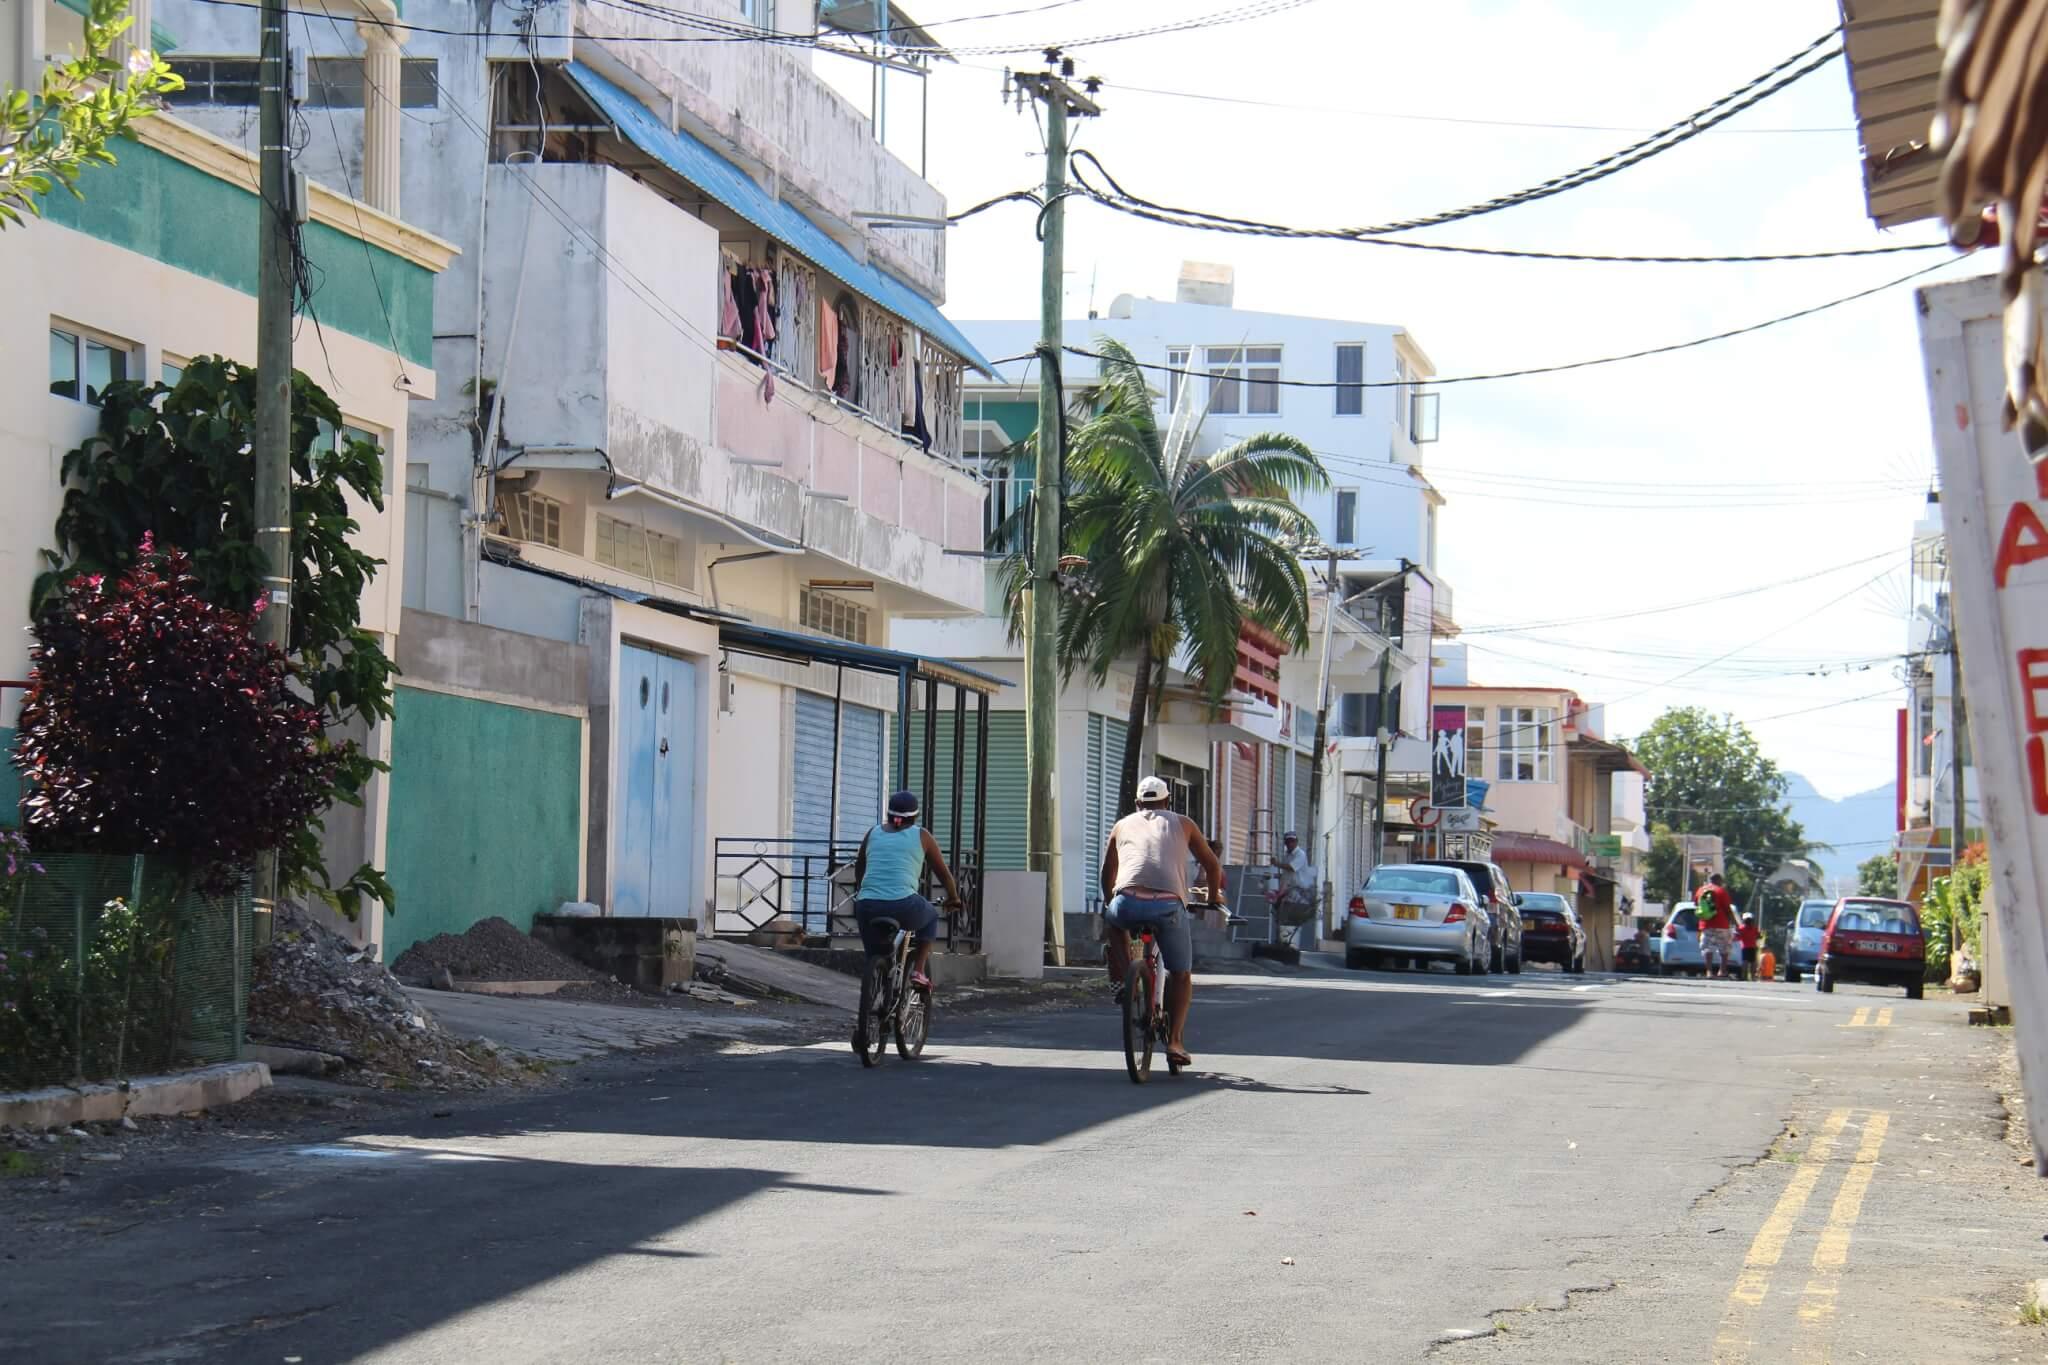 Gadebillede fra Mauritius  - ByAnnette.dk